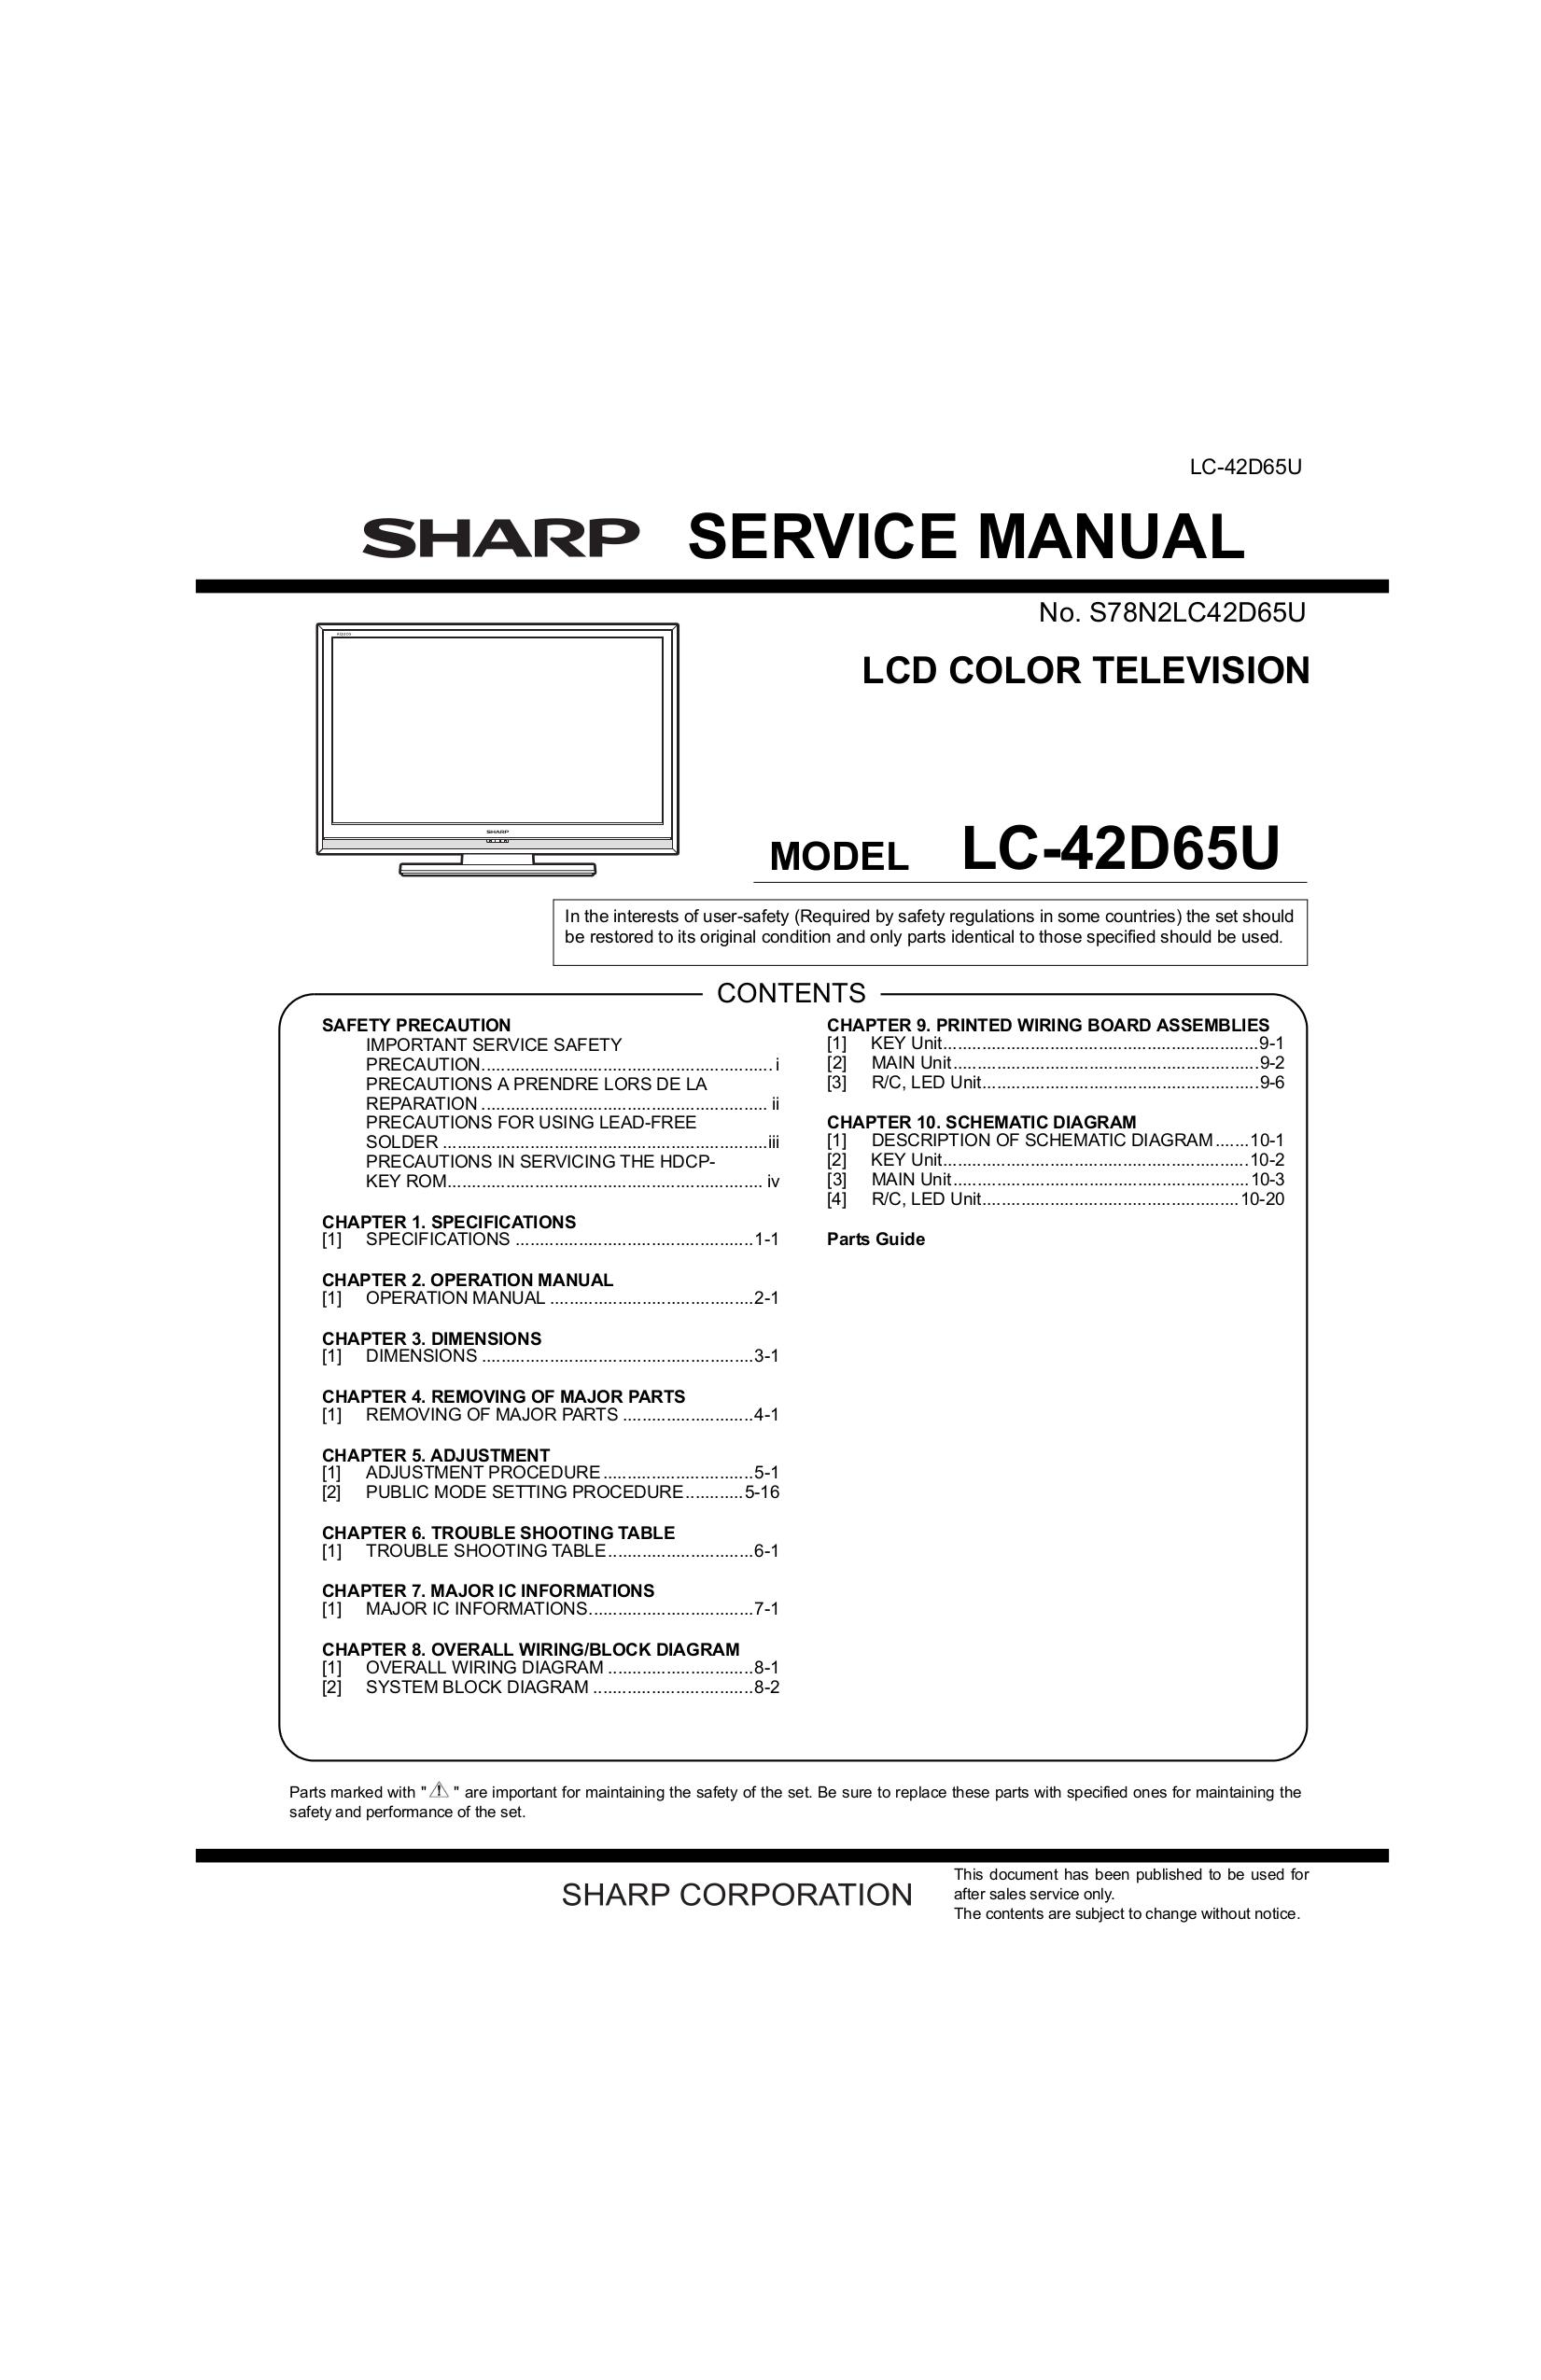 Sharp Lc42d65u Manual Typical Caravan Wiring Diagram